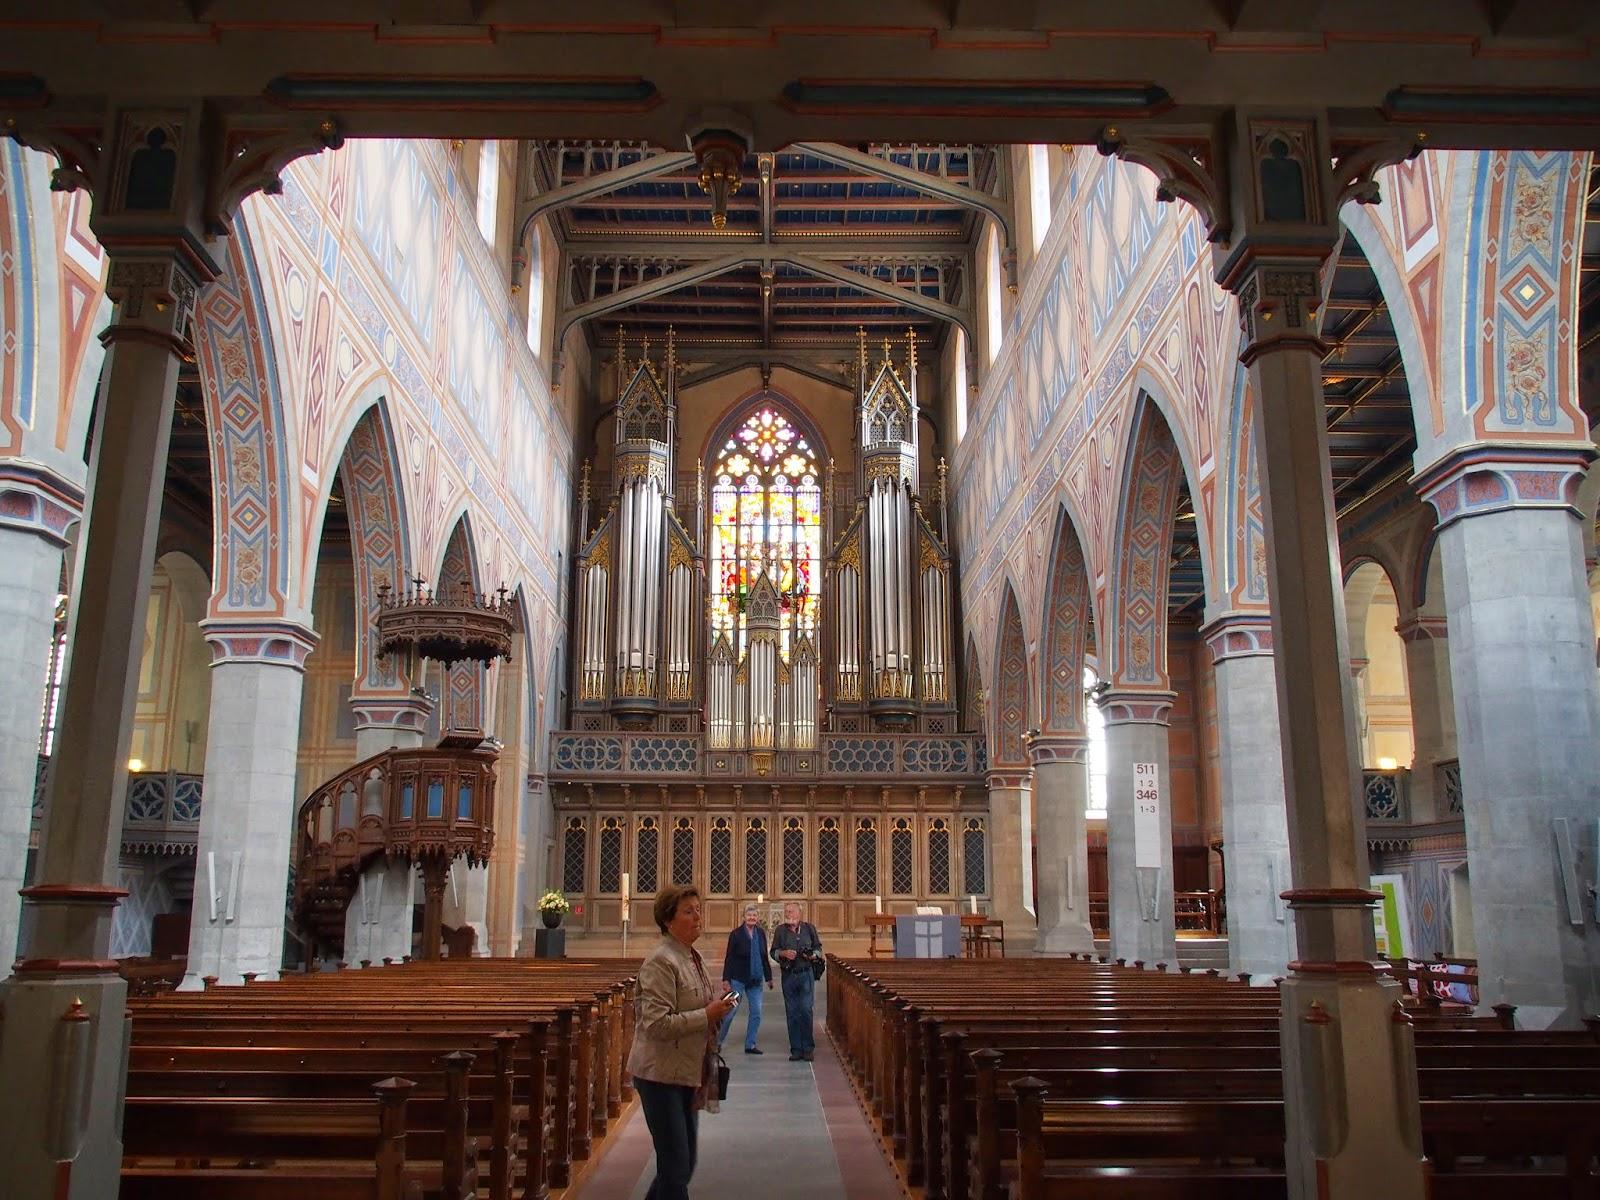 なんたって45歳!: ヨーロッパ一ヶ月バックパッカー⑱ 聖ロレンツォ教會